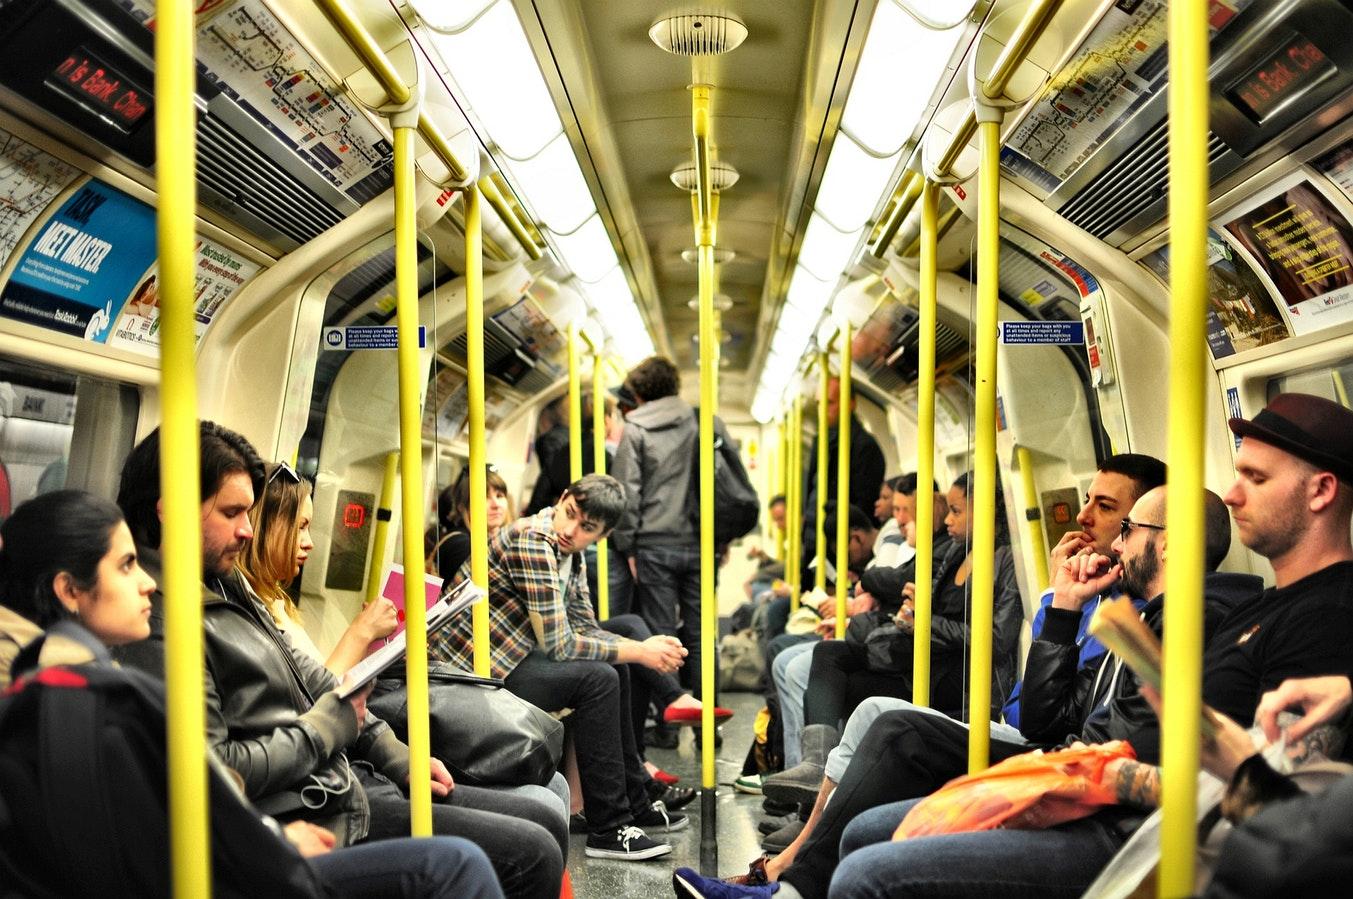 Des passagers dans un métro de Londres